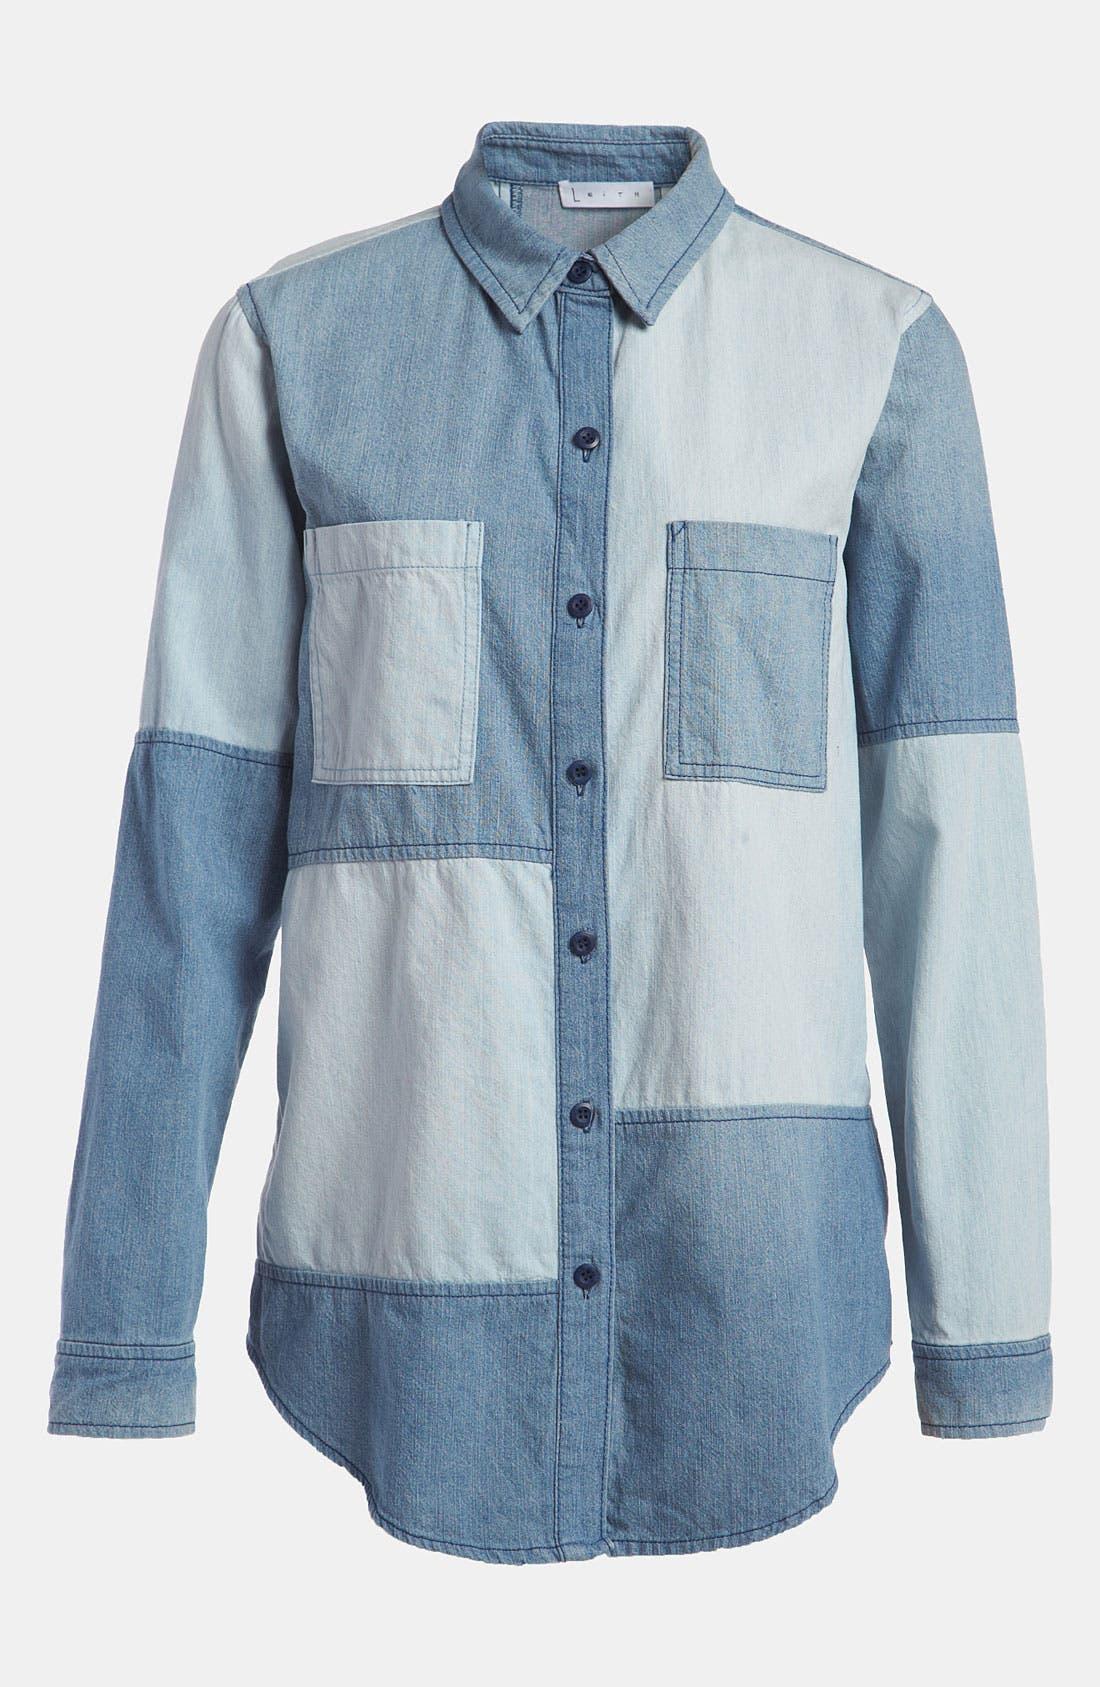 Main Image - Leith Colorblock Chambray Shirt